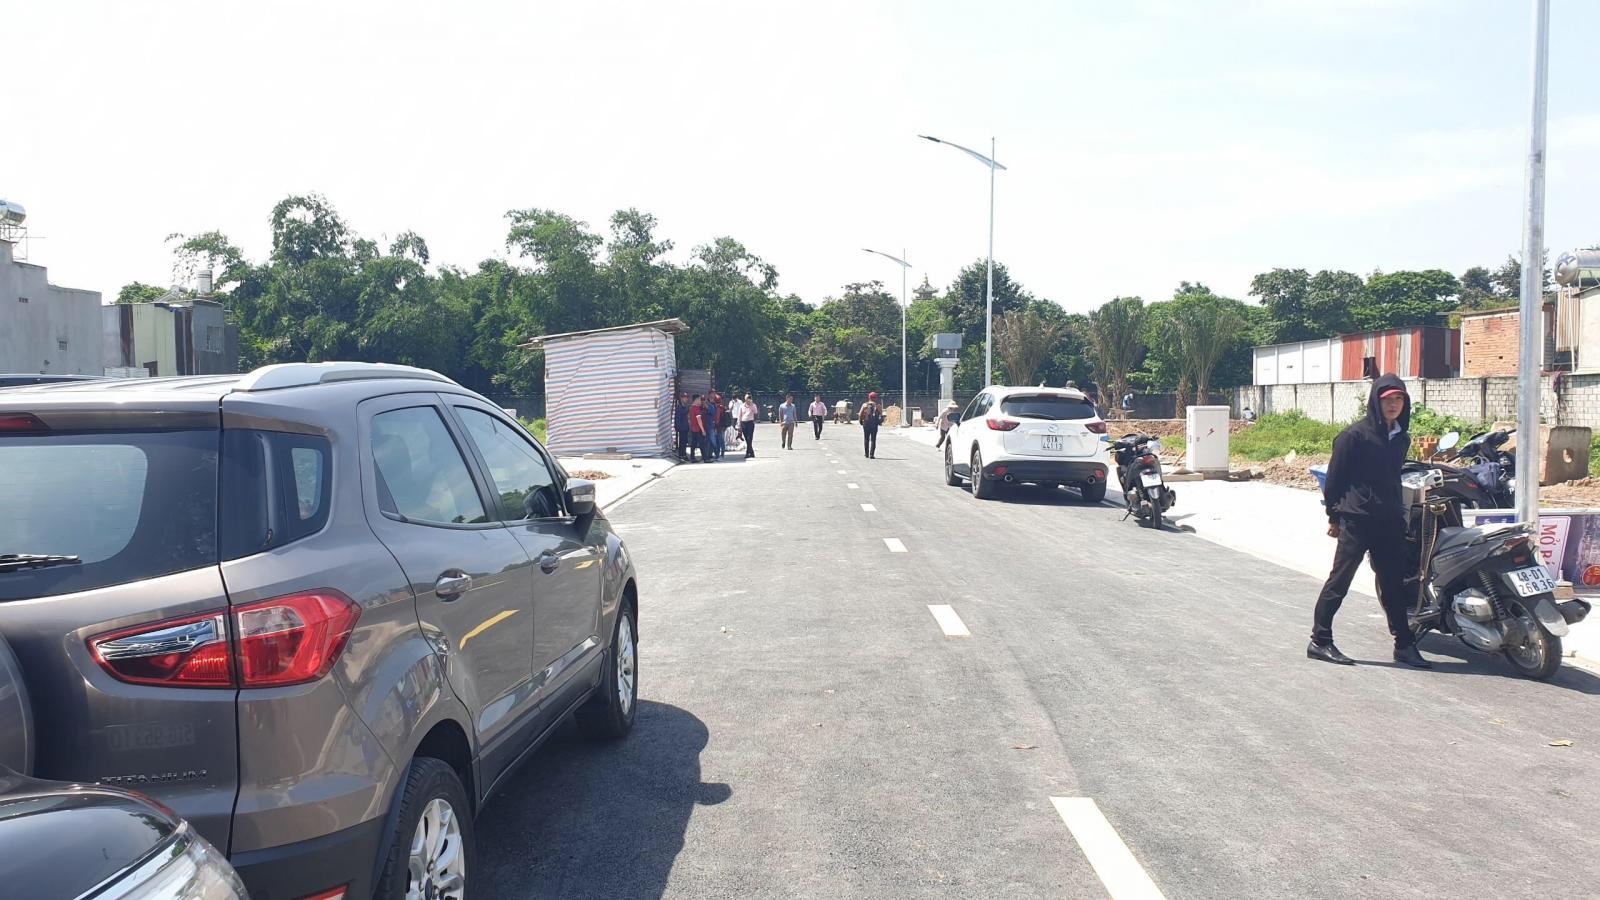 Ô tô, xe máy, một số người đi lại trên con đường lớn dẫn vào dự án bất động sản, phía trong nhiều cây cối.